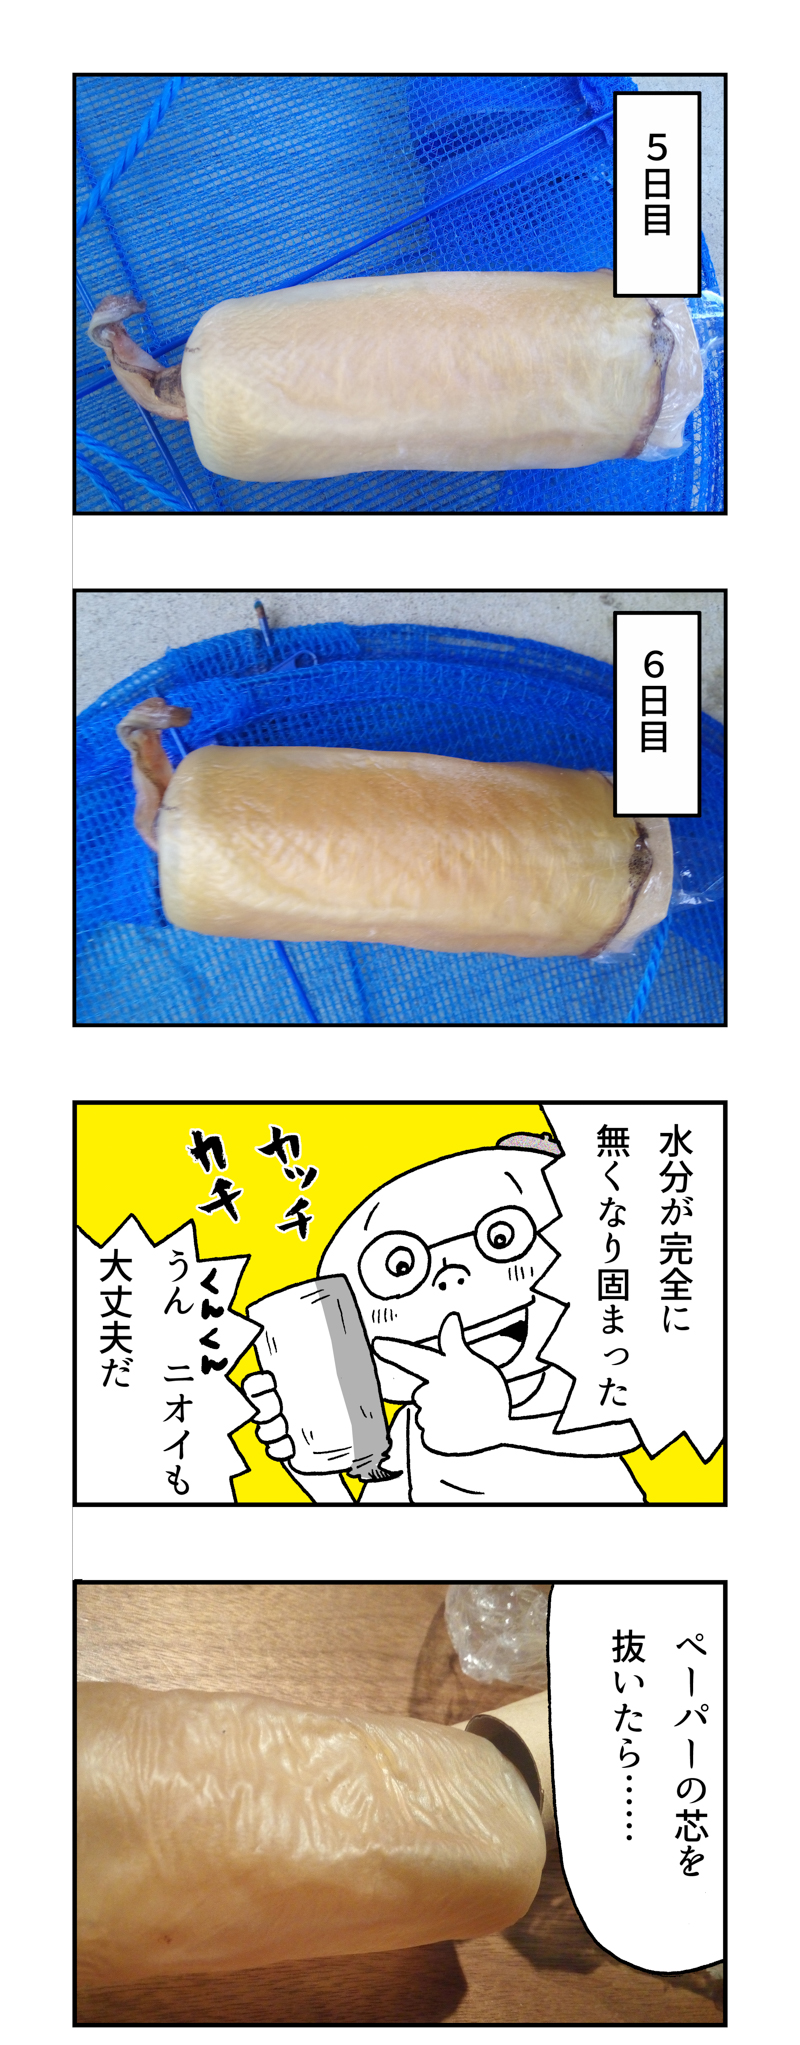 f:id:Meshi2_IB:20161028103751j:plain